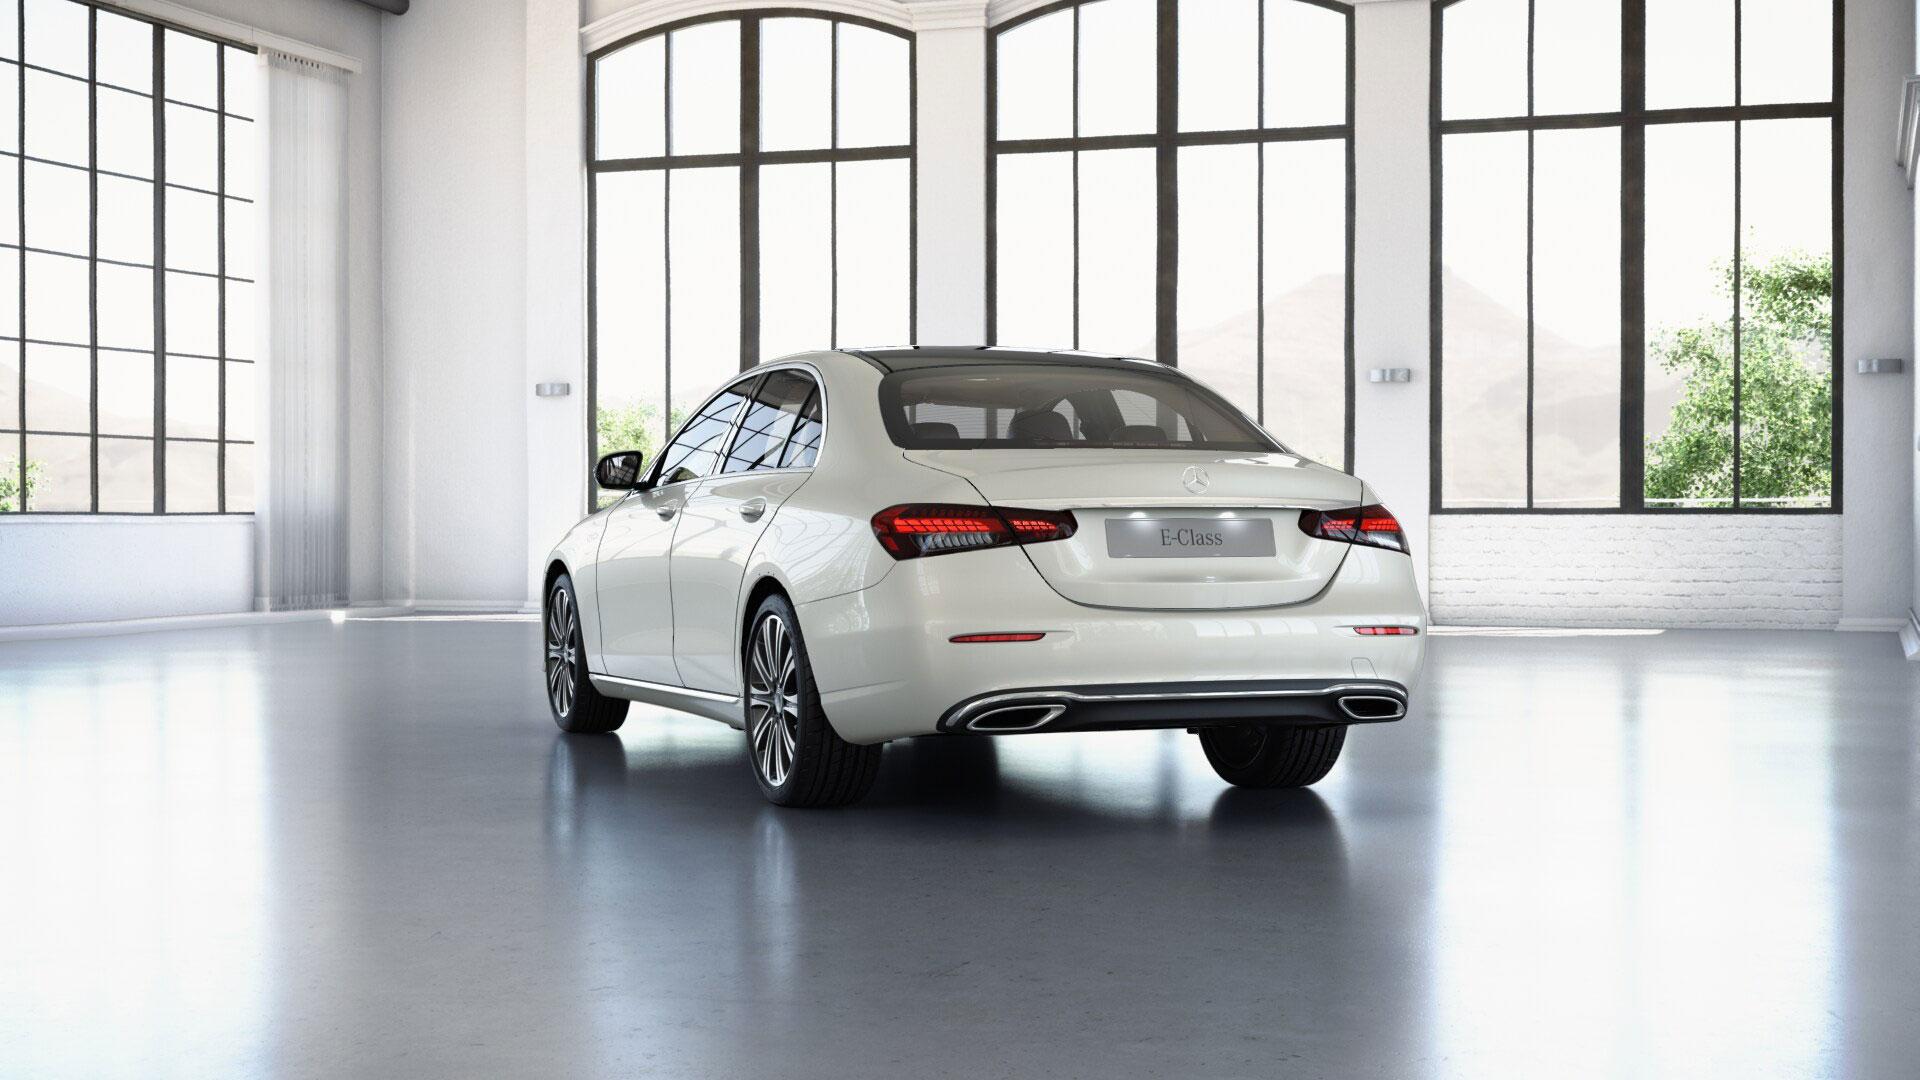 Jantes de la Mercedes Classe E Finition Luxury